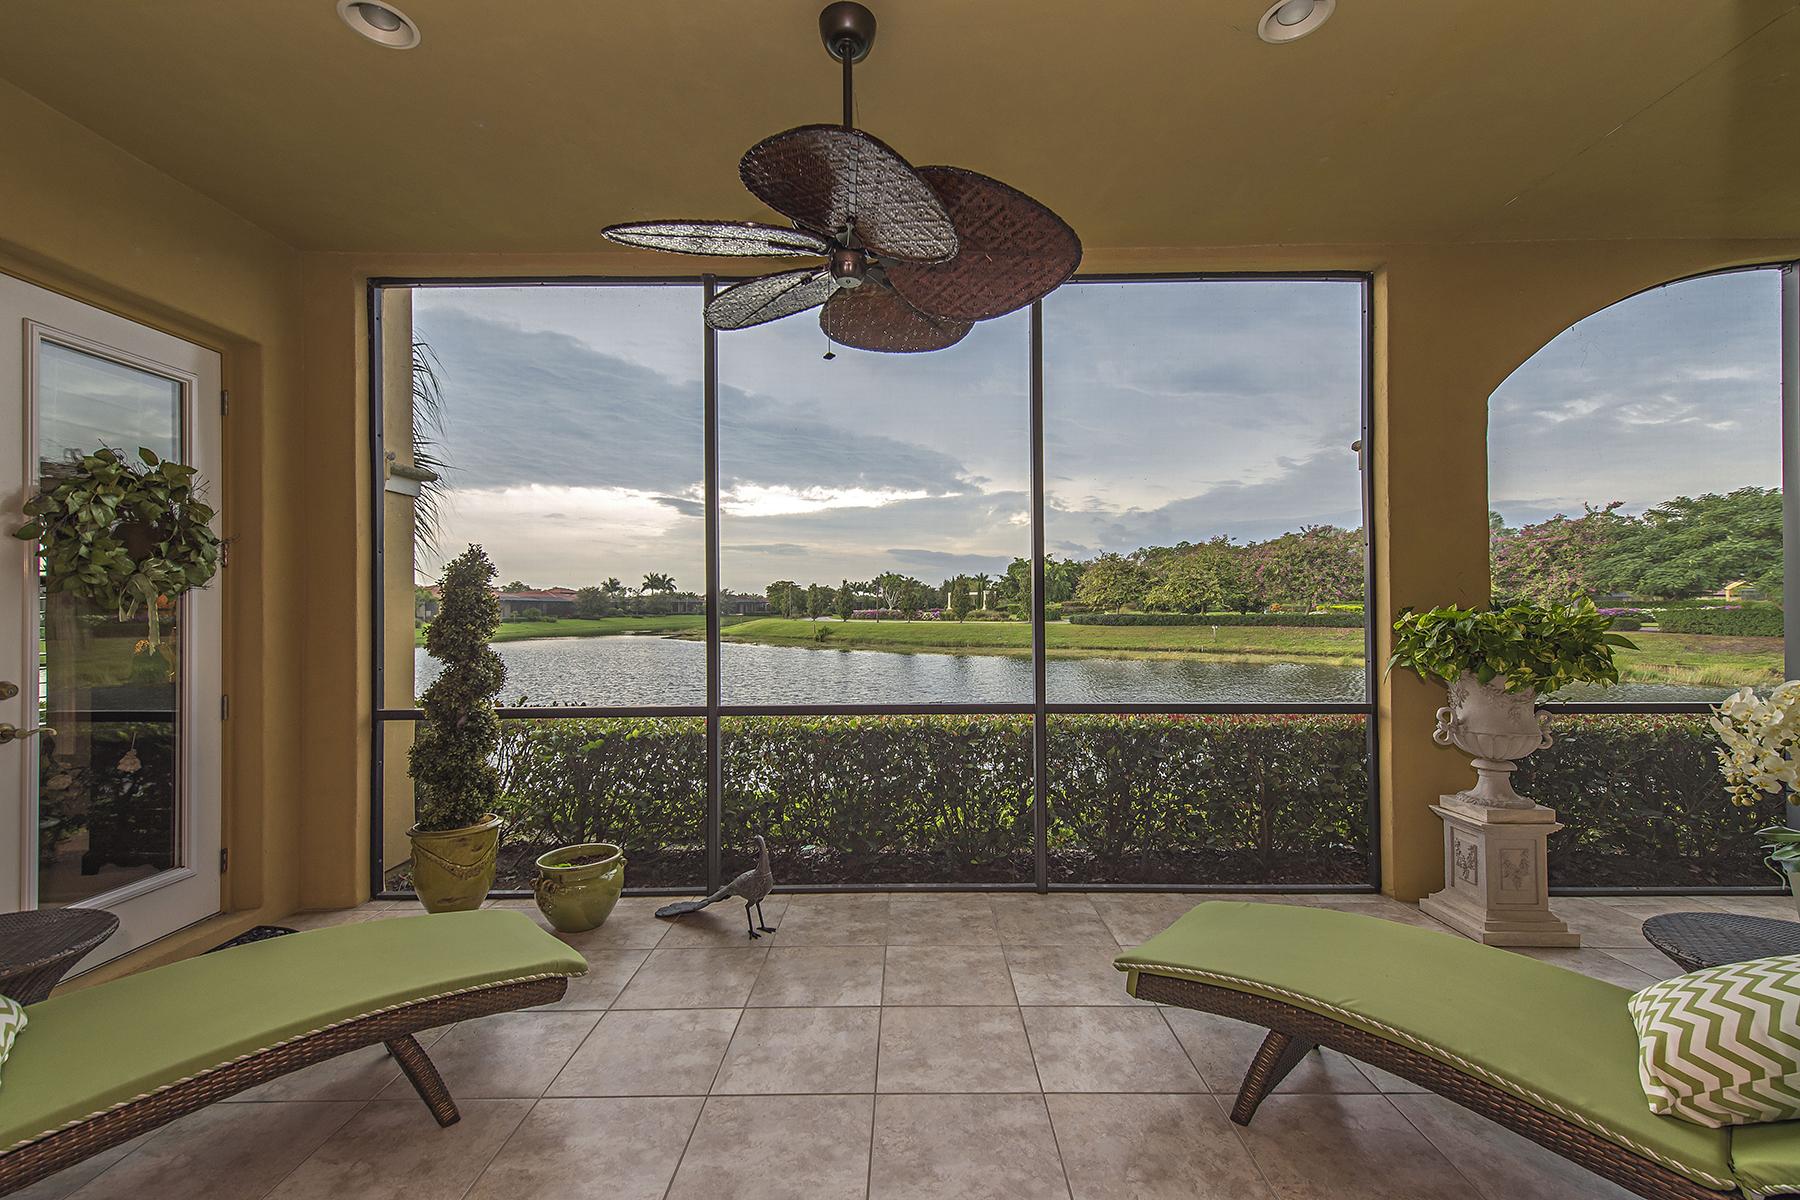 Кондоминиум для того Продажа на TREVISO BAY - DI NAPOLI 9109 Prima Way 102 Naples, Флорида, 34113 Соединенные Штаты